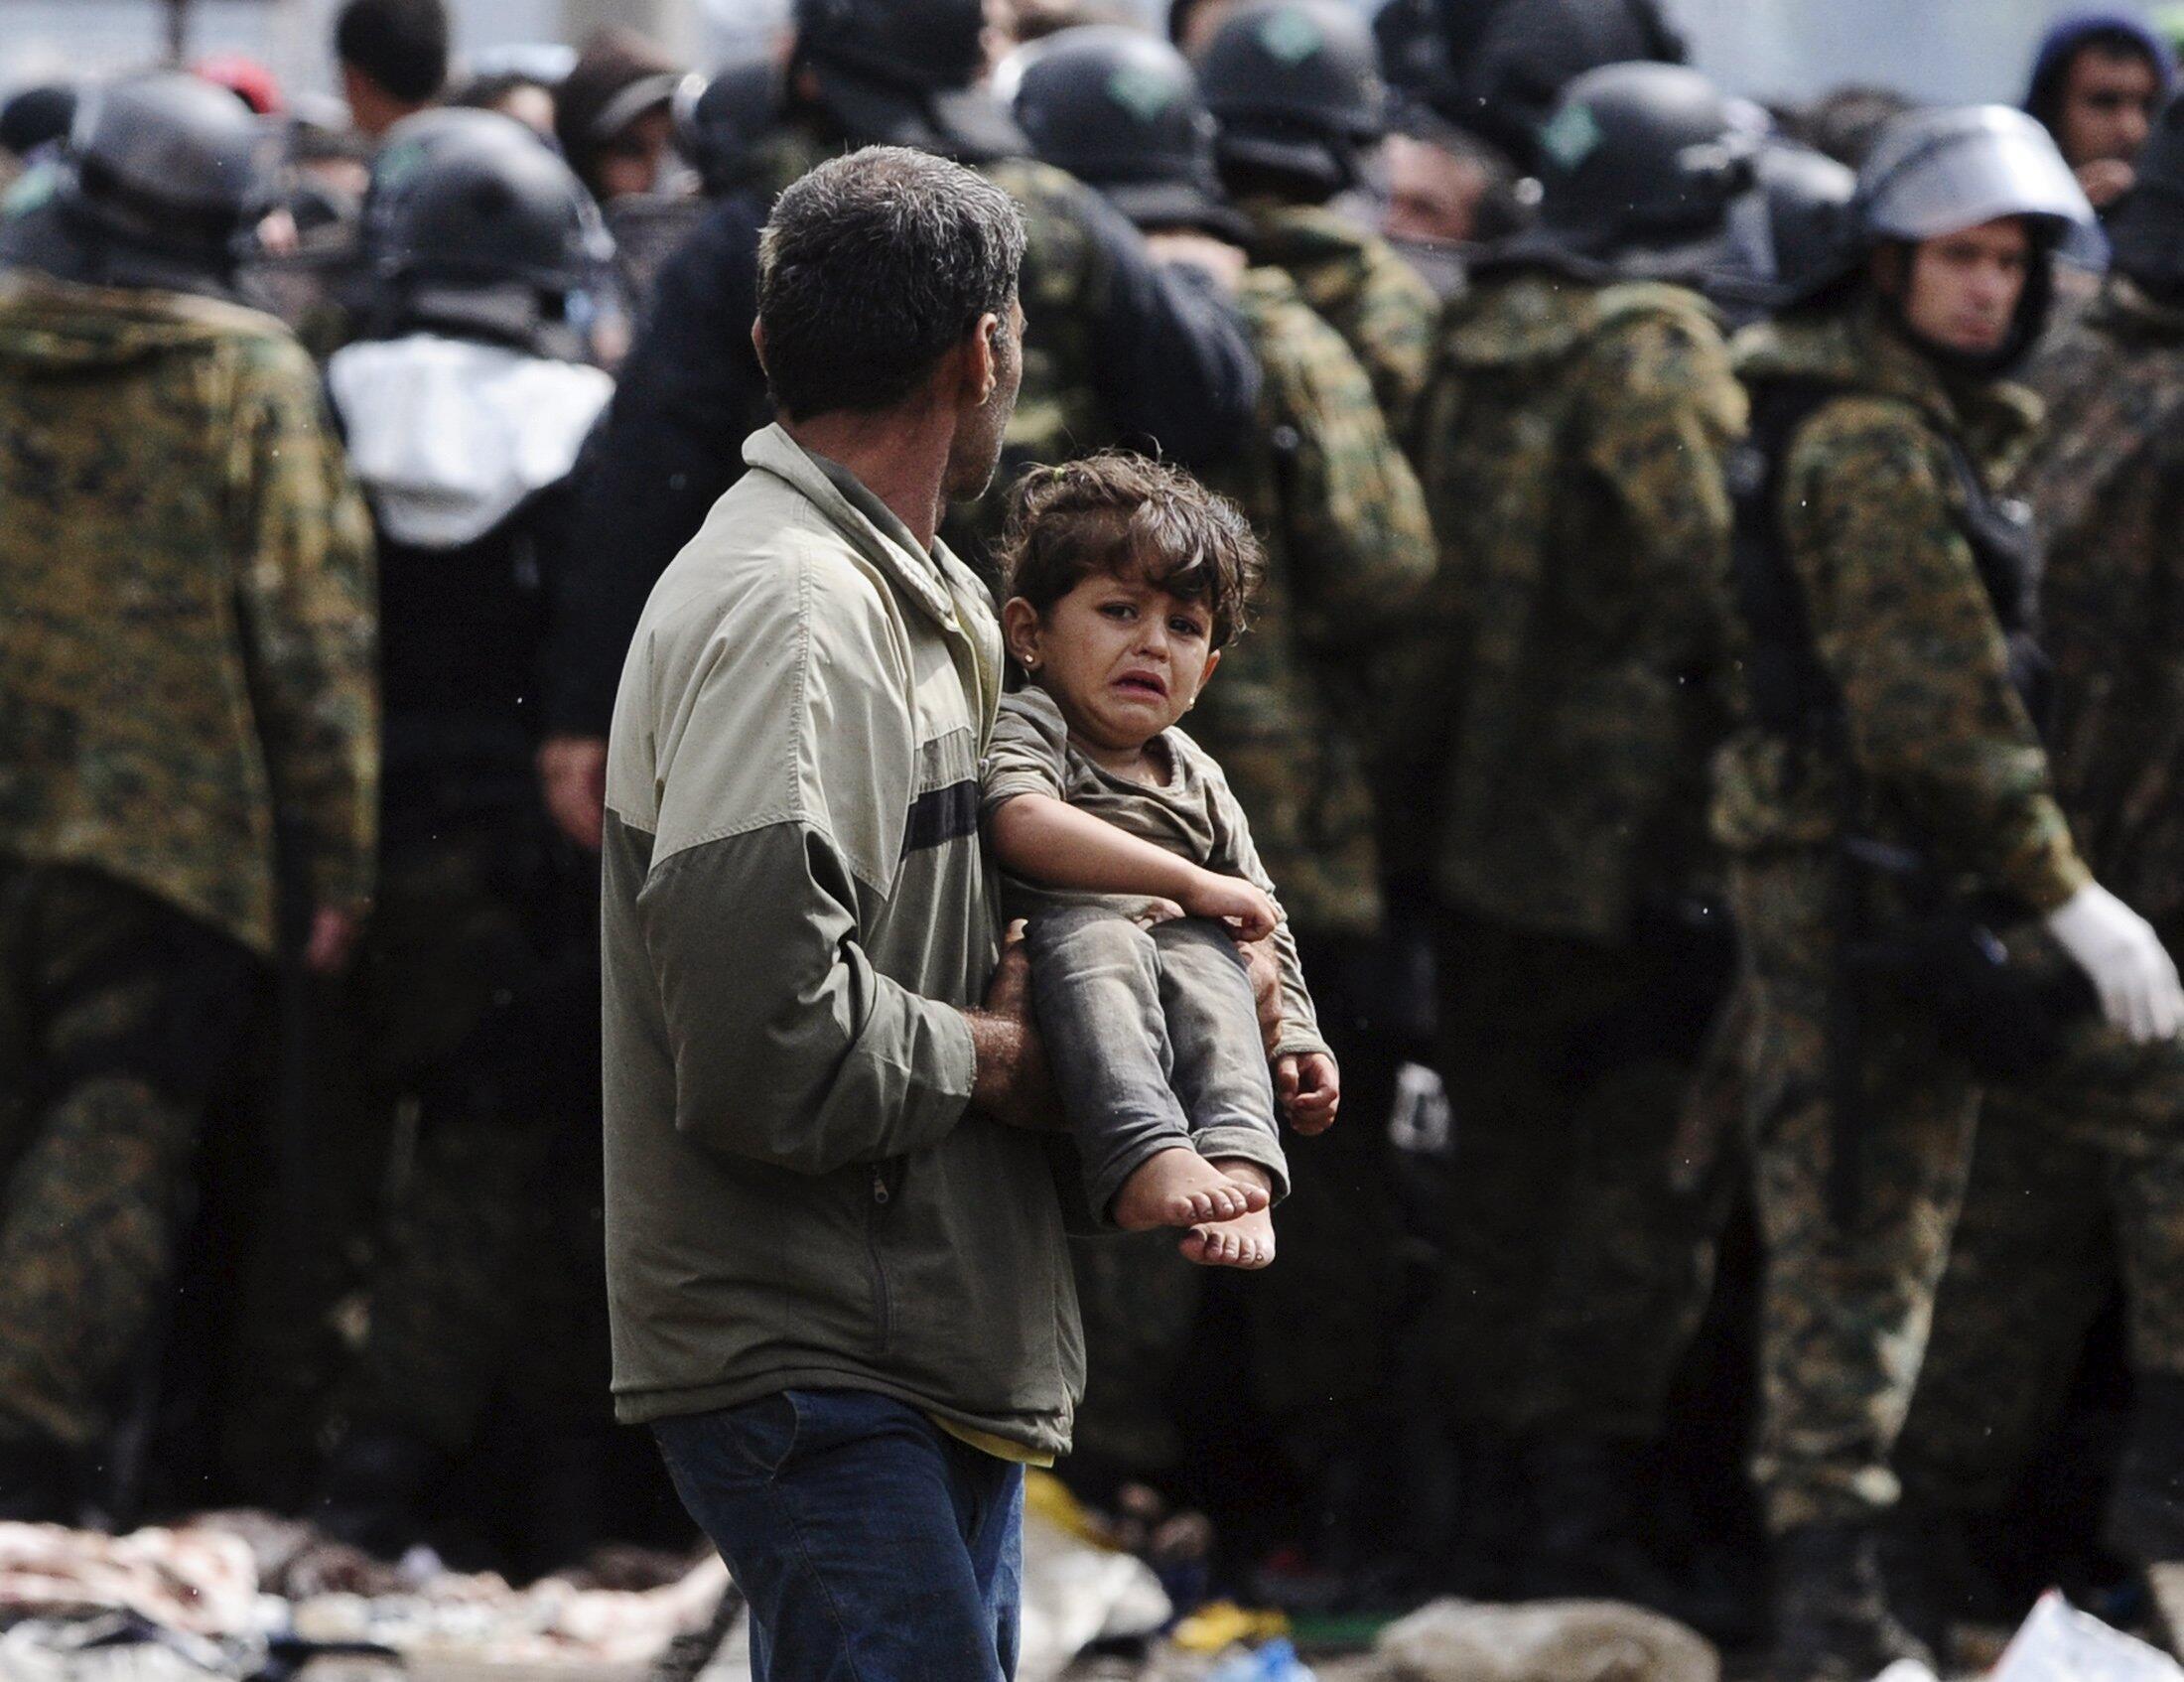 Мужчина с ребенком после пересечения границы Греции с Македонией, 22 августа 2015 г.